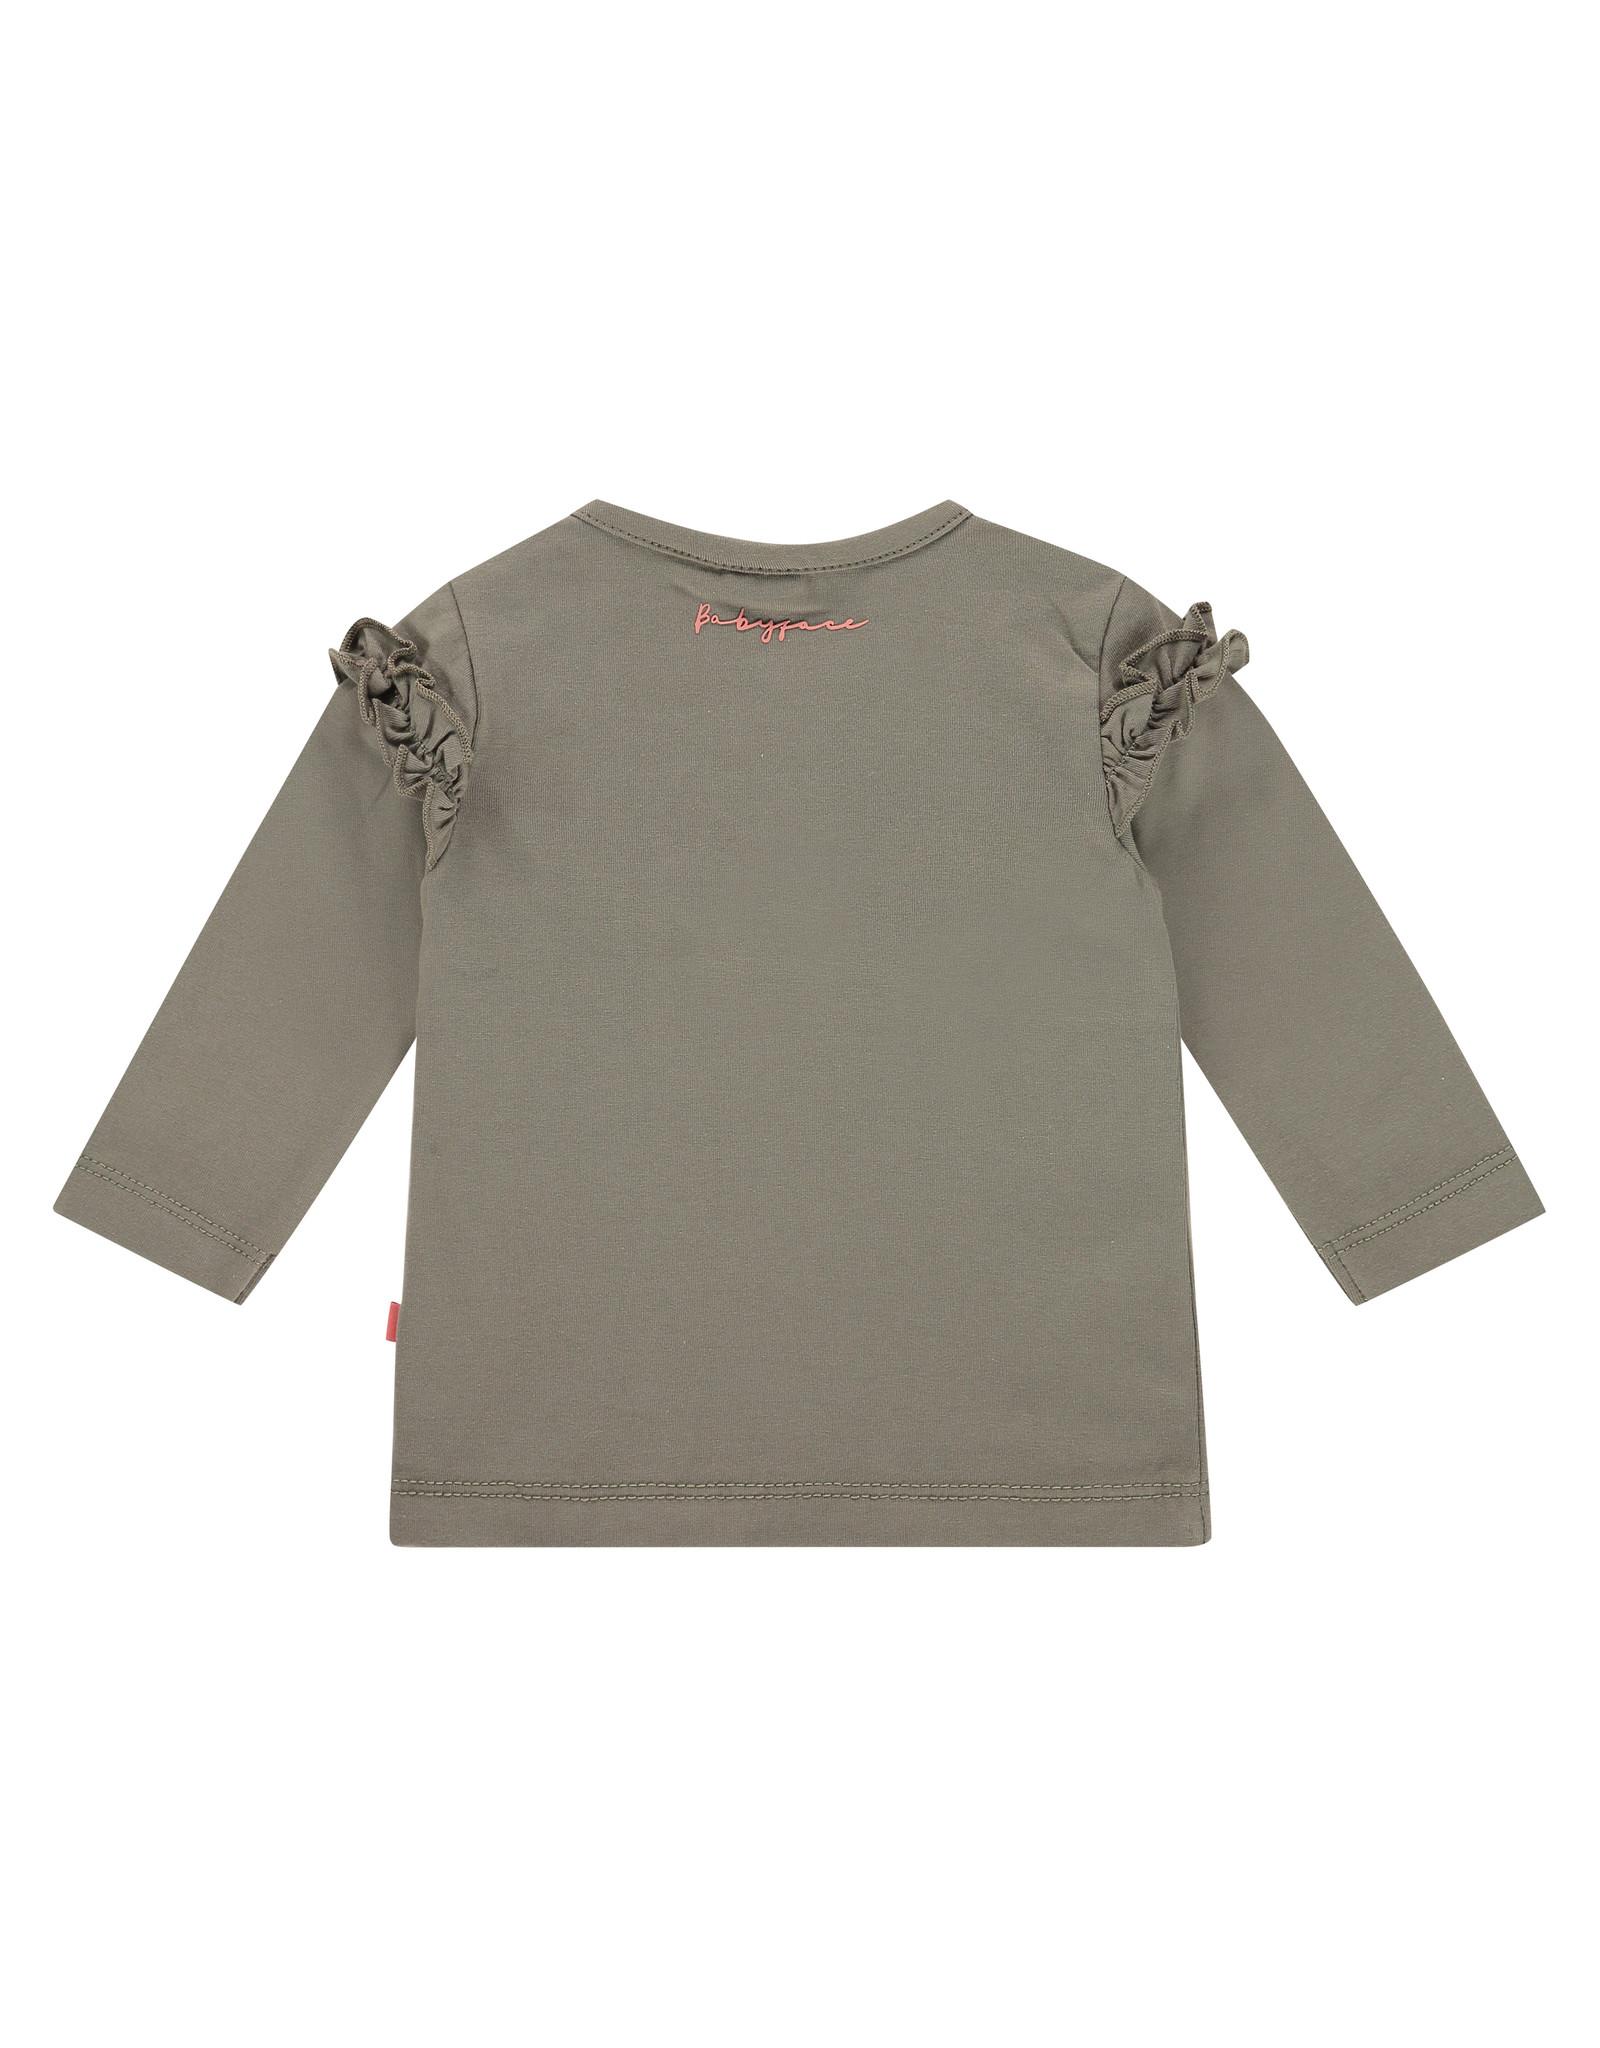 Babyface baby girls t-shirt long sleeve, moss